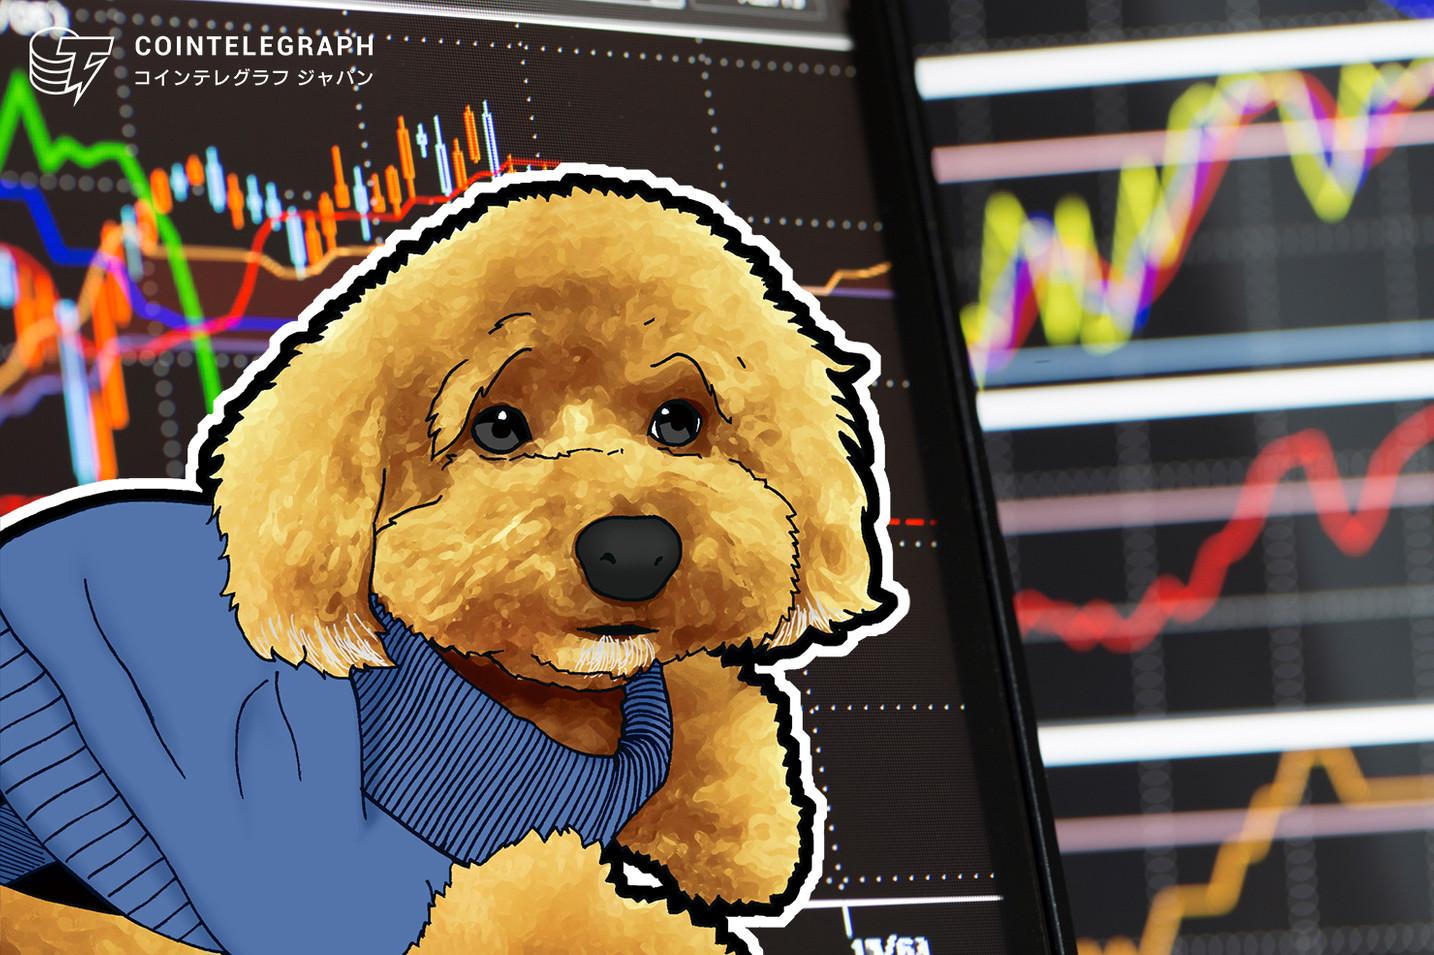 仮想通貨ビットコイン、先週の機関投資家による売り増しに警戒を